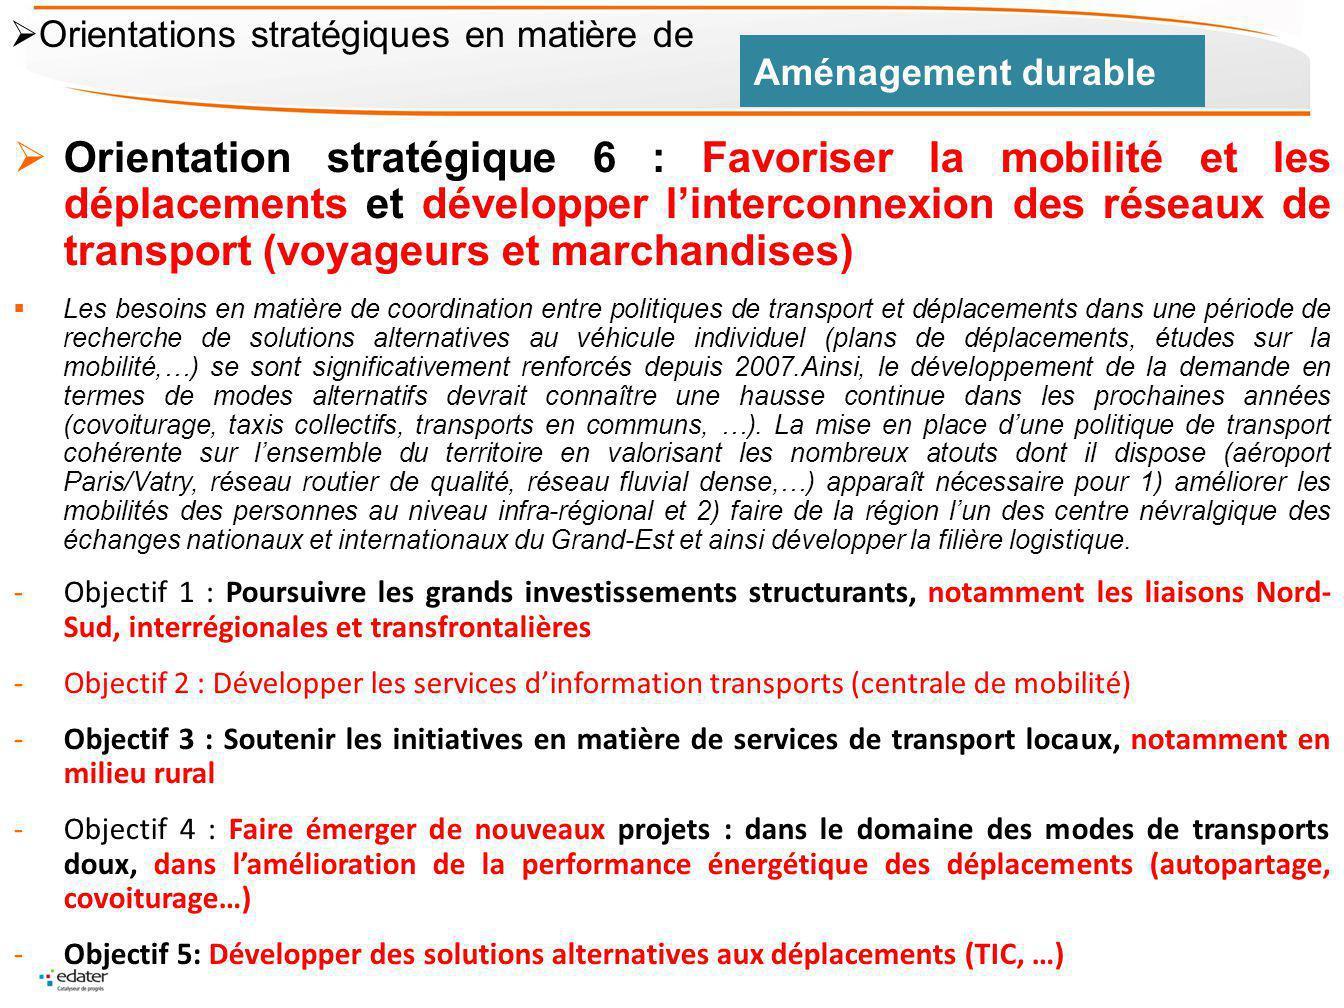 Orientation stratégique 6 : Favoriser la mobilité et les déplacements et développer linterconnexion des réseaux de transport (voyageurs et marchandise